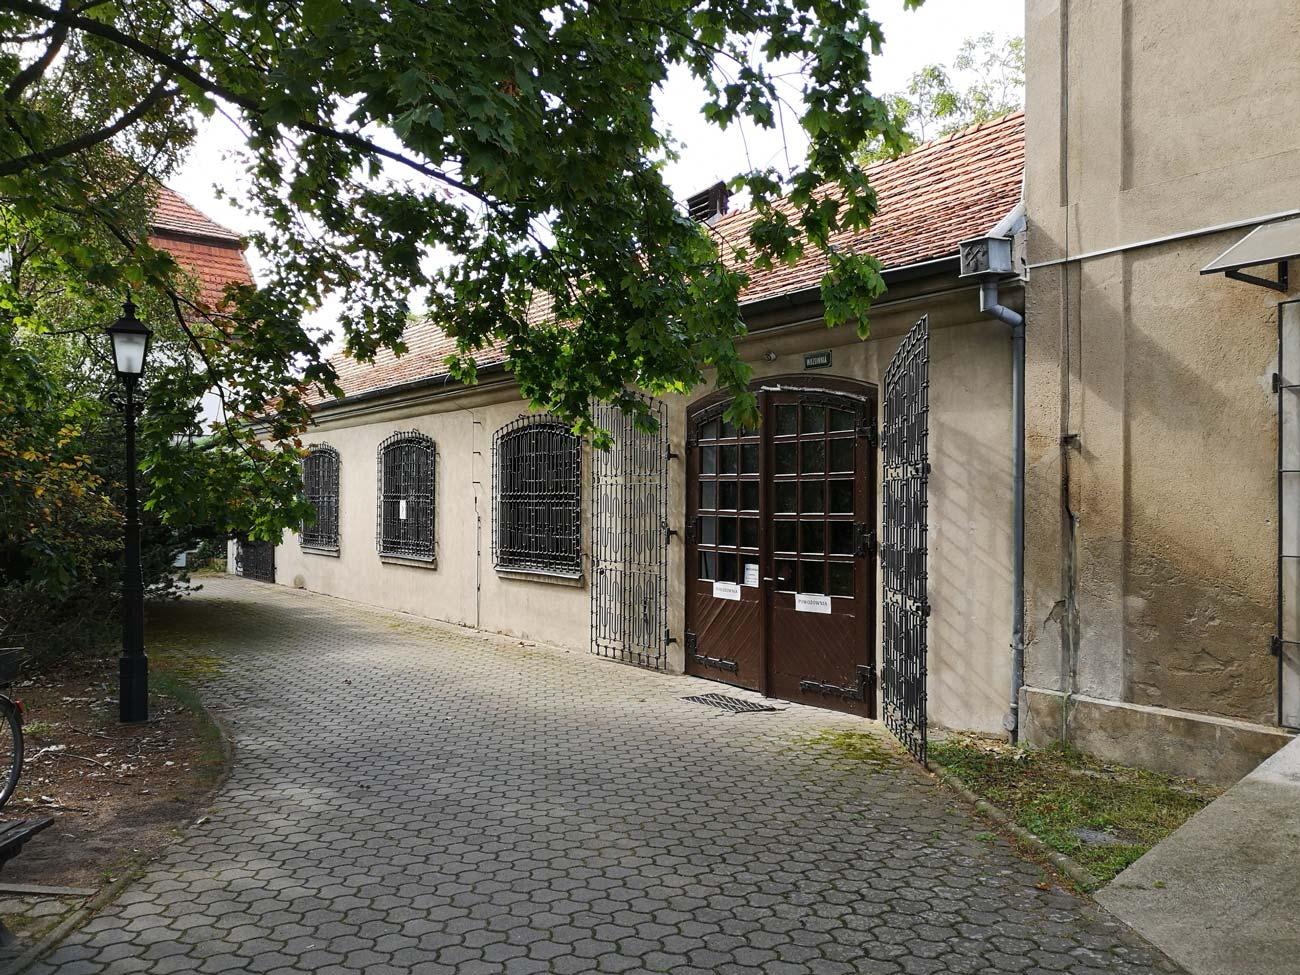 Wozownia Kórnik - dawna baza GS - 2019 rok